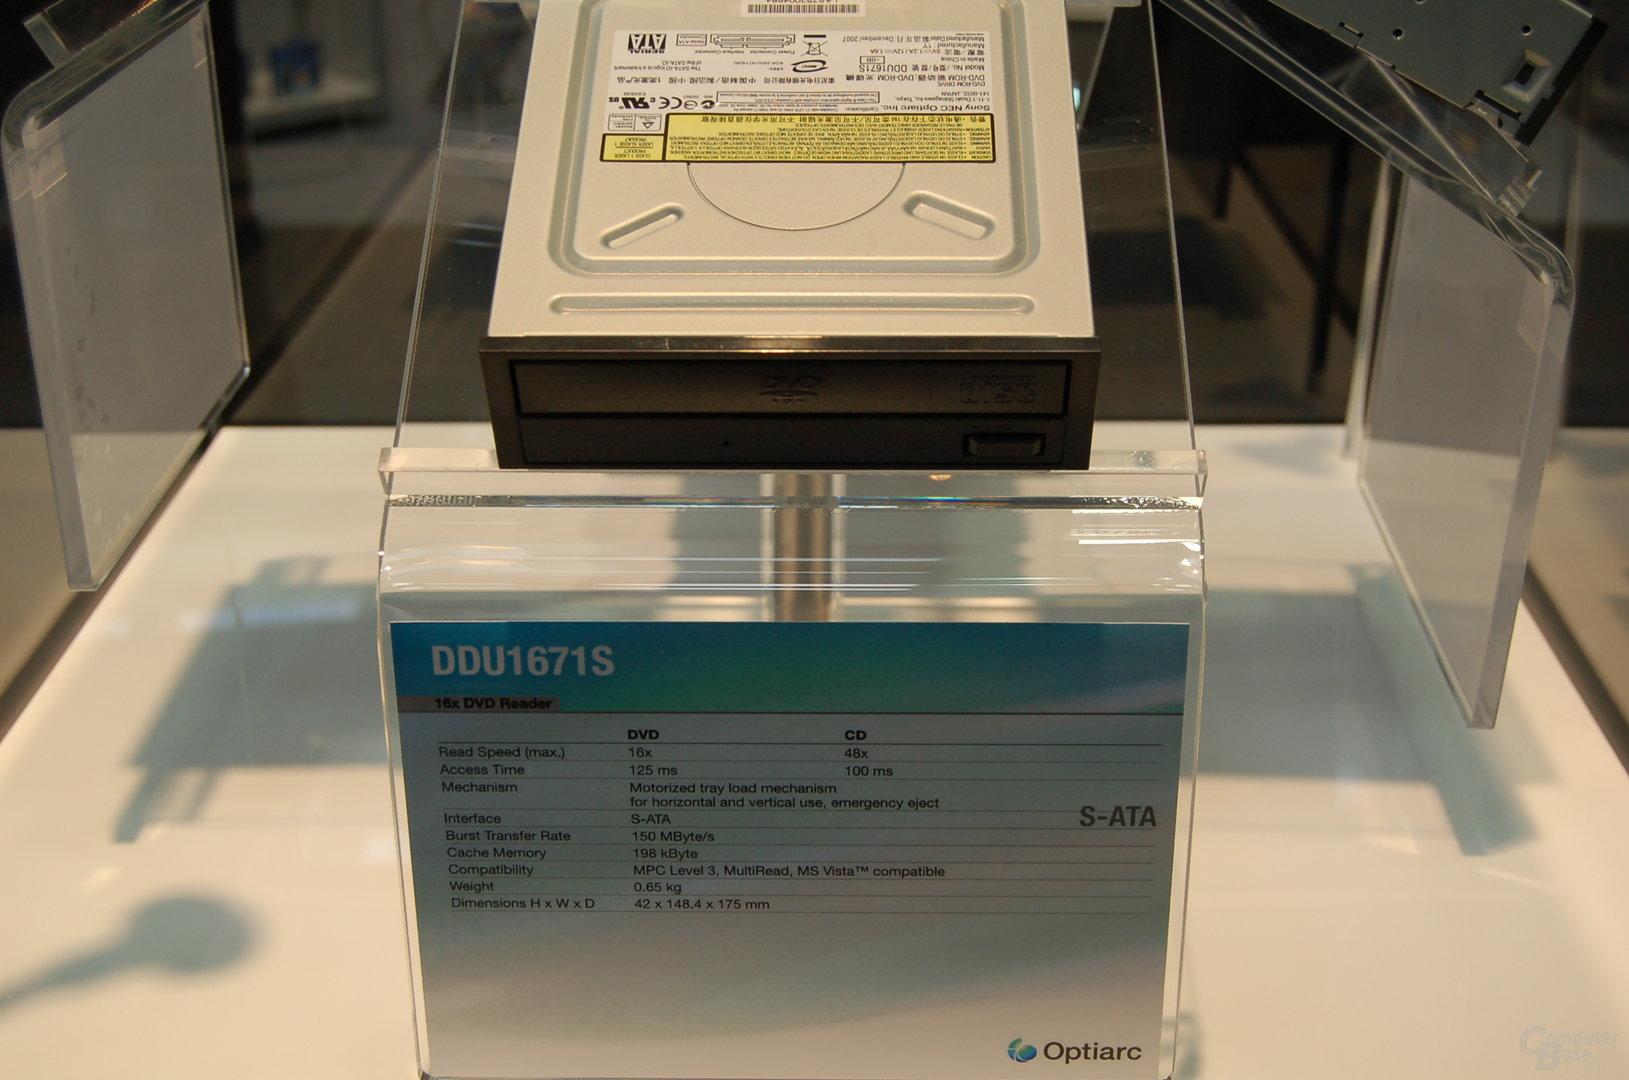 DDU1671S